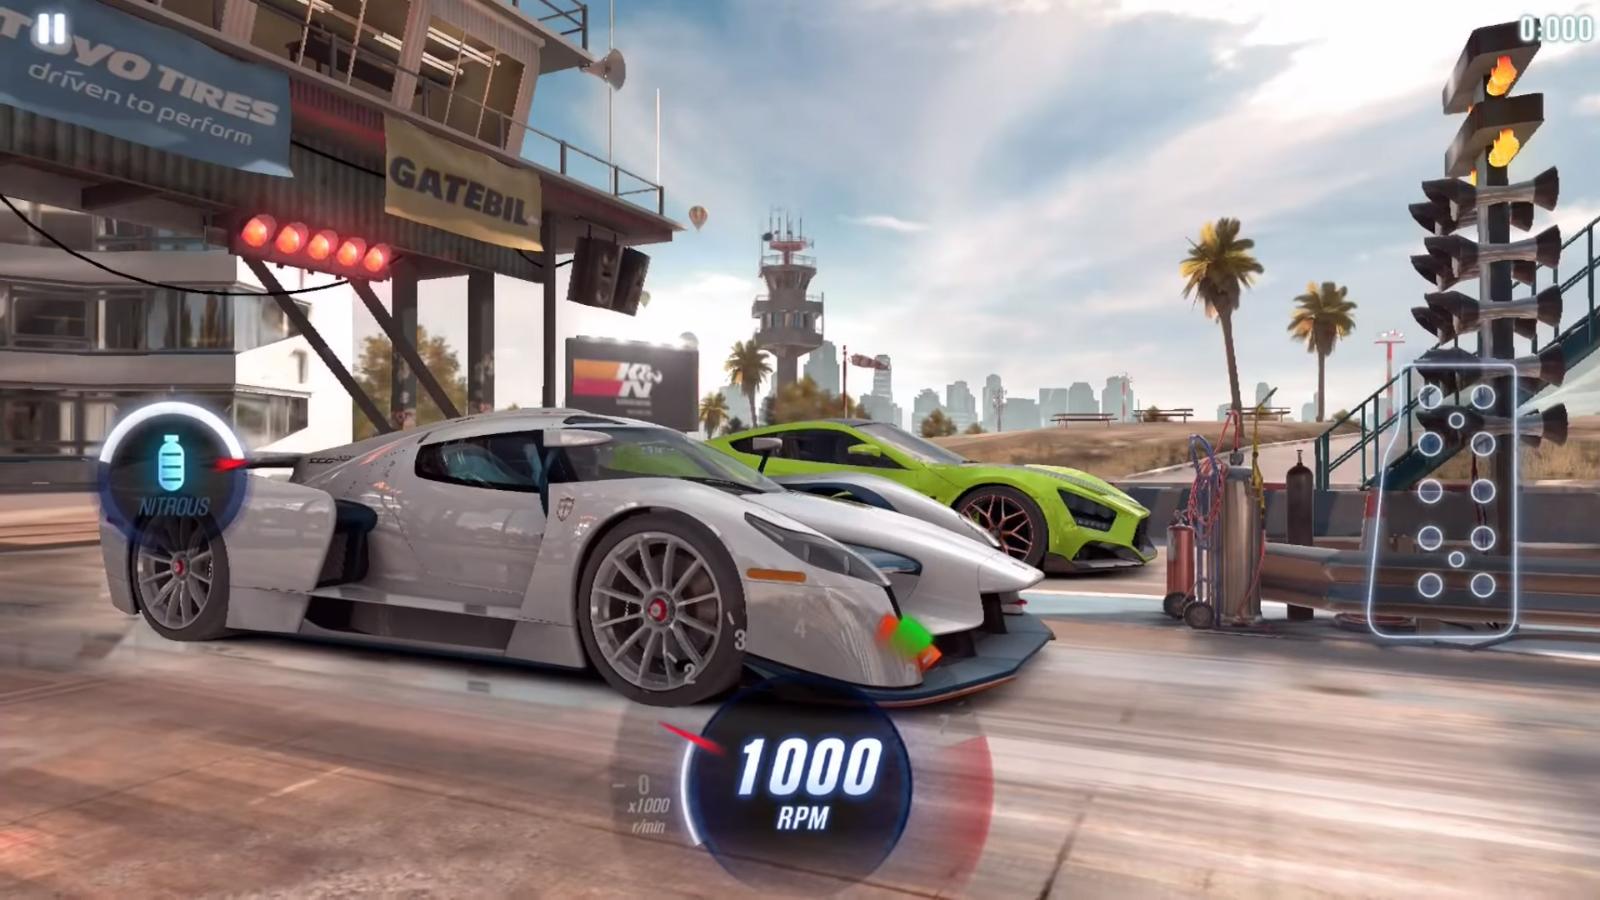 عنوان CSR Racing 2 از روی فیلم  Fast and Furious ساخته شده است